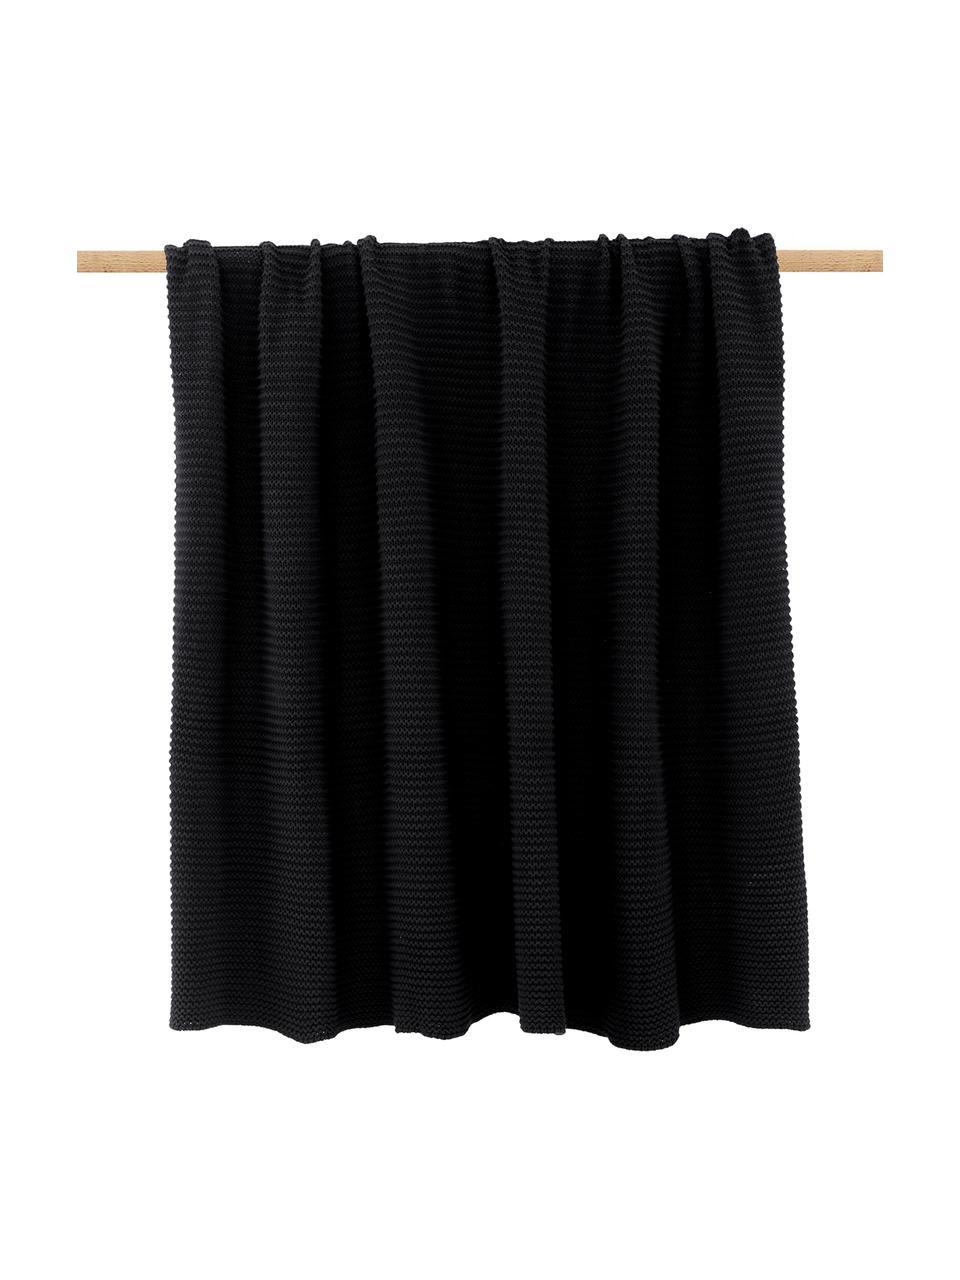 Strickdecke Adalyn aus Bio-Baumwolle in Schwarz, 100% Bio-Baumwolle, GOTS-zertifiziert, Schwarz, 150 x 200 cm